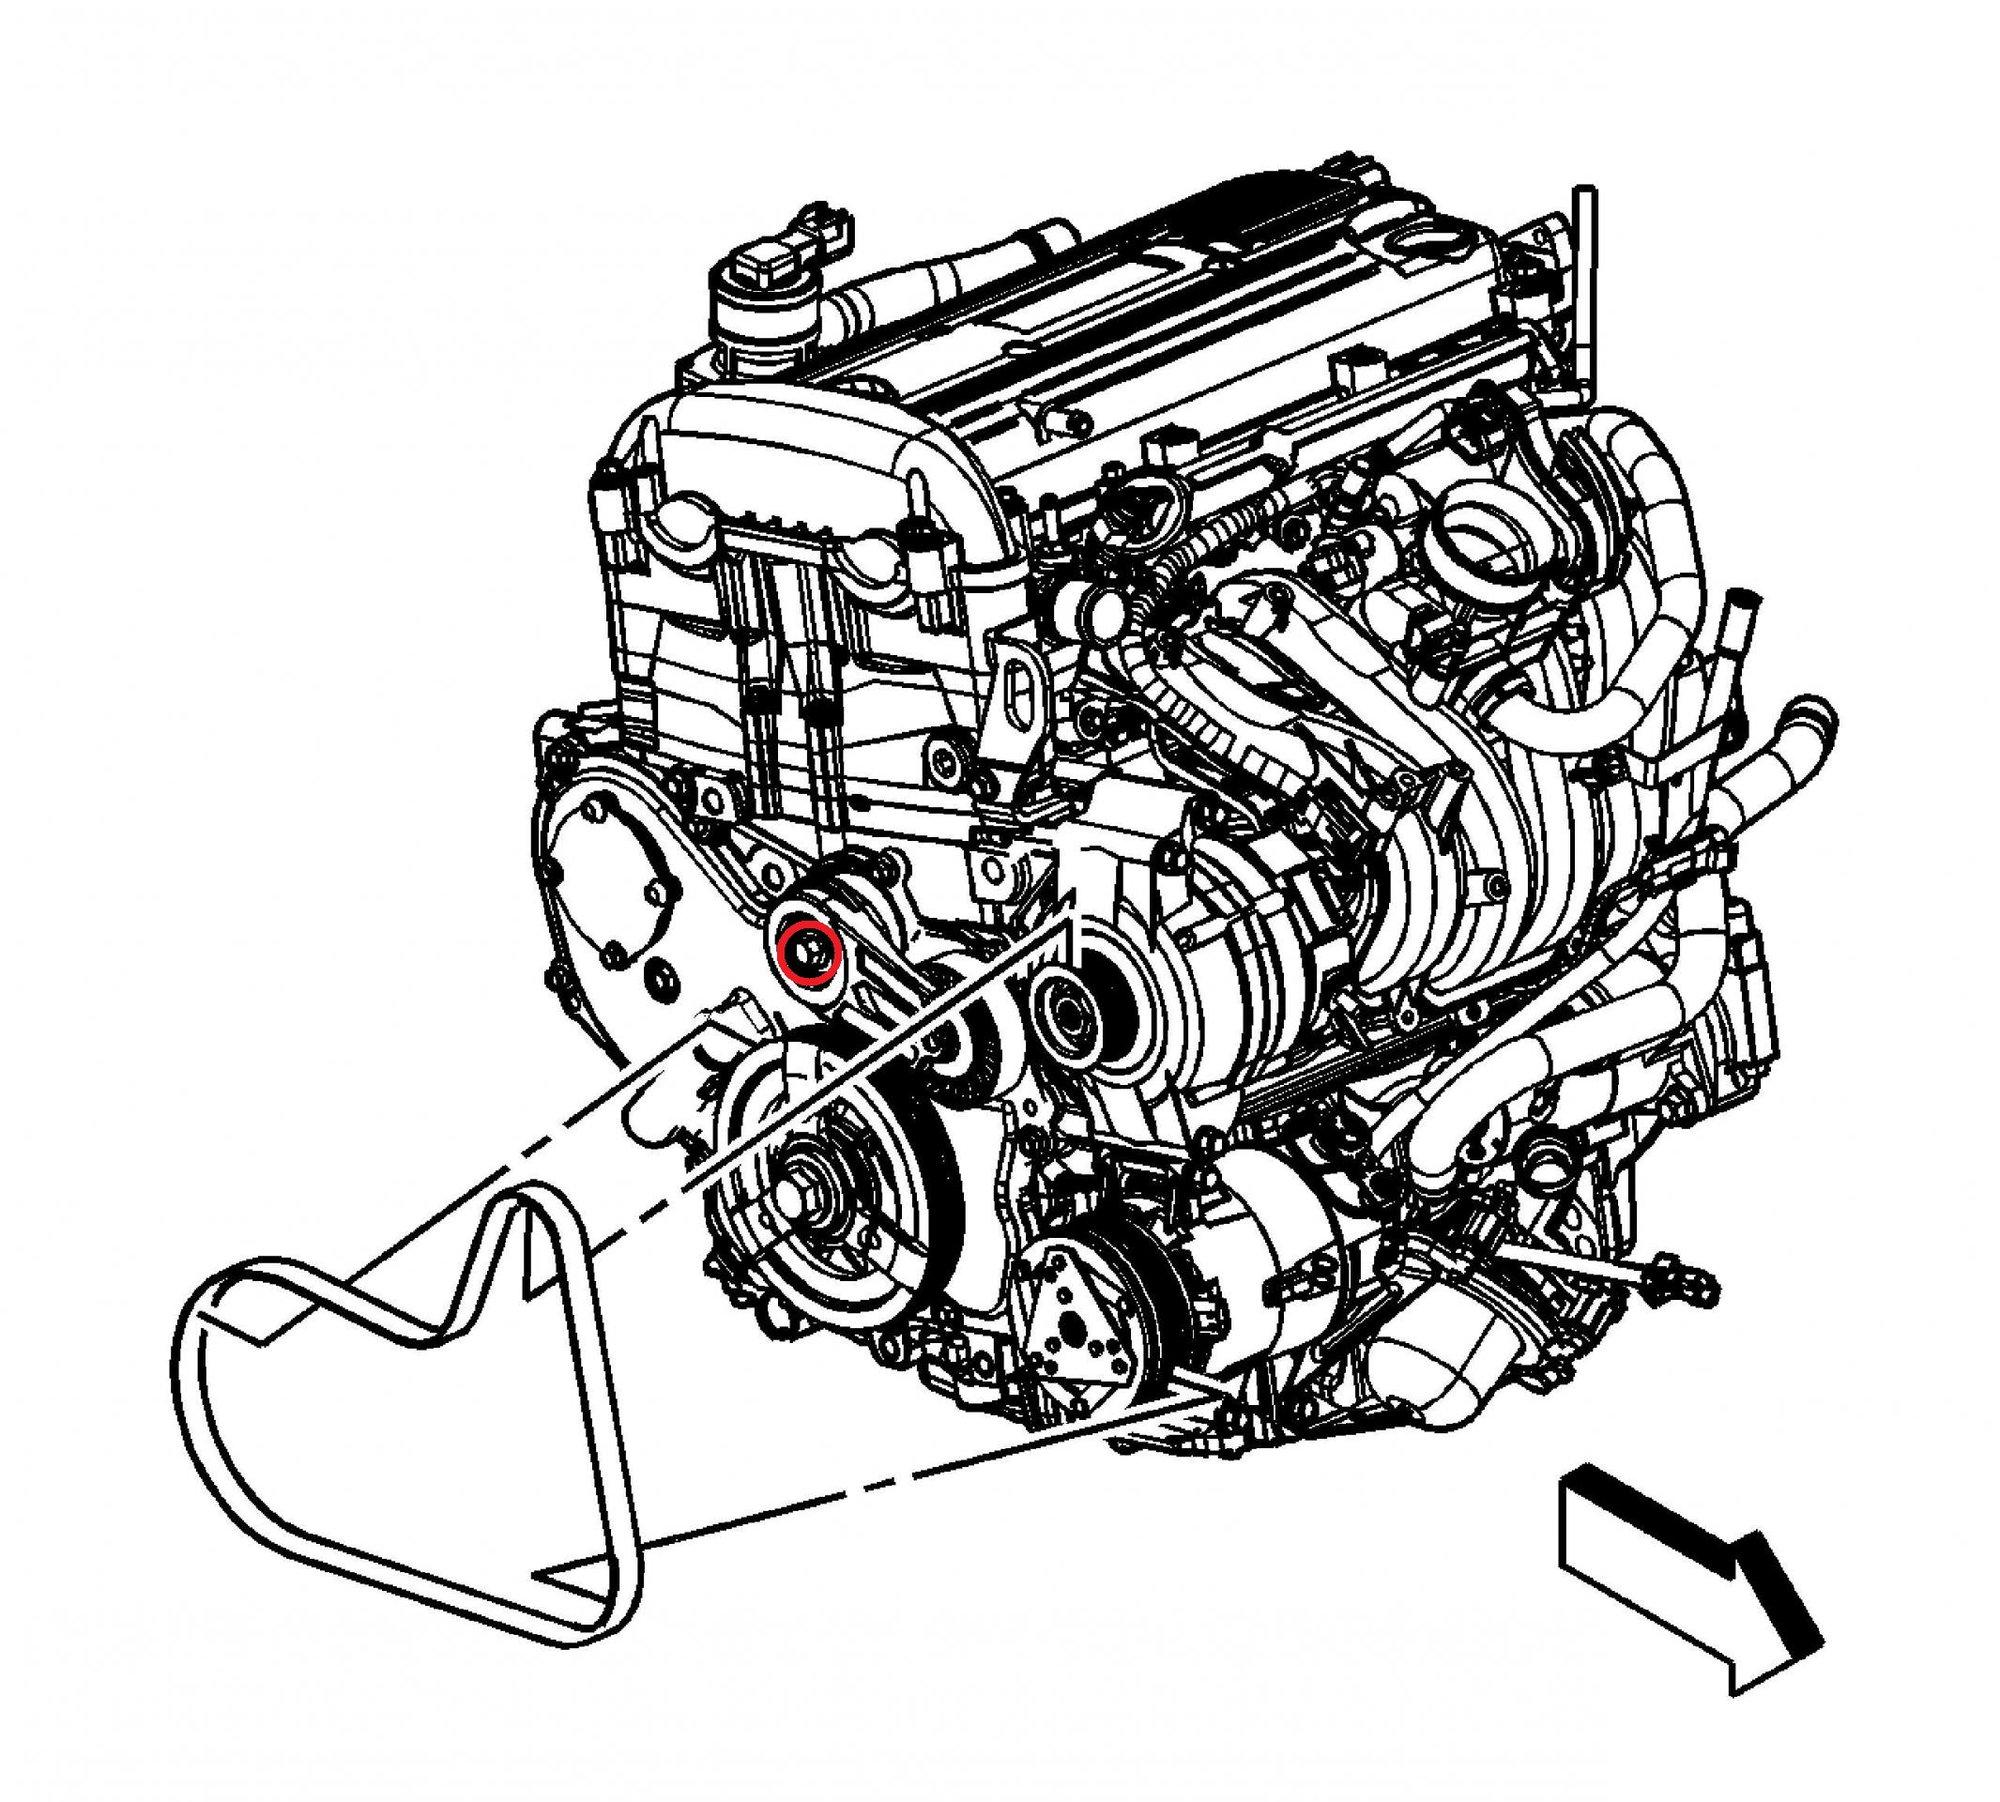 01 Impala Engine Diagram